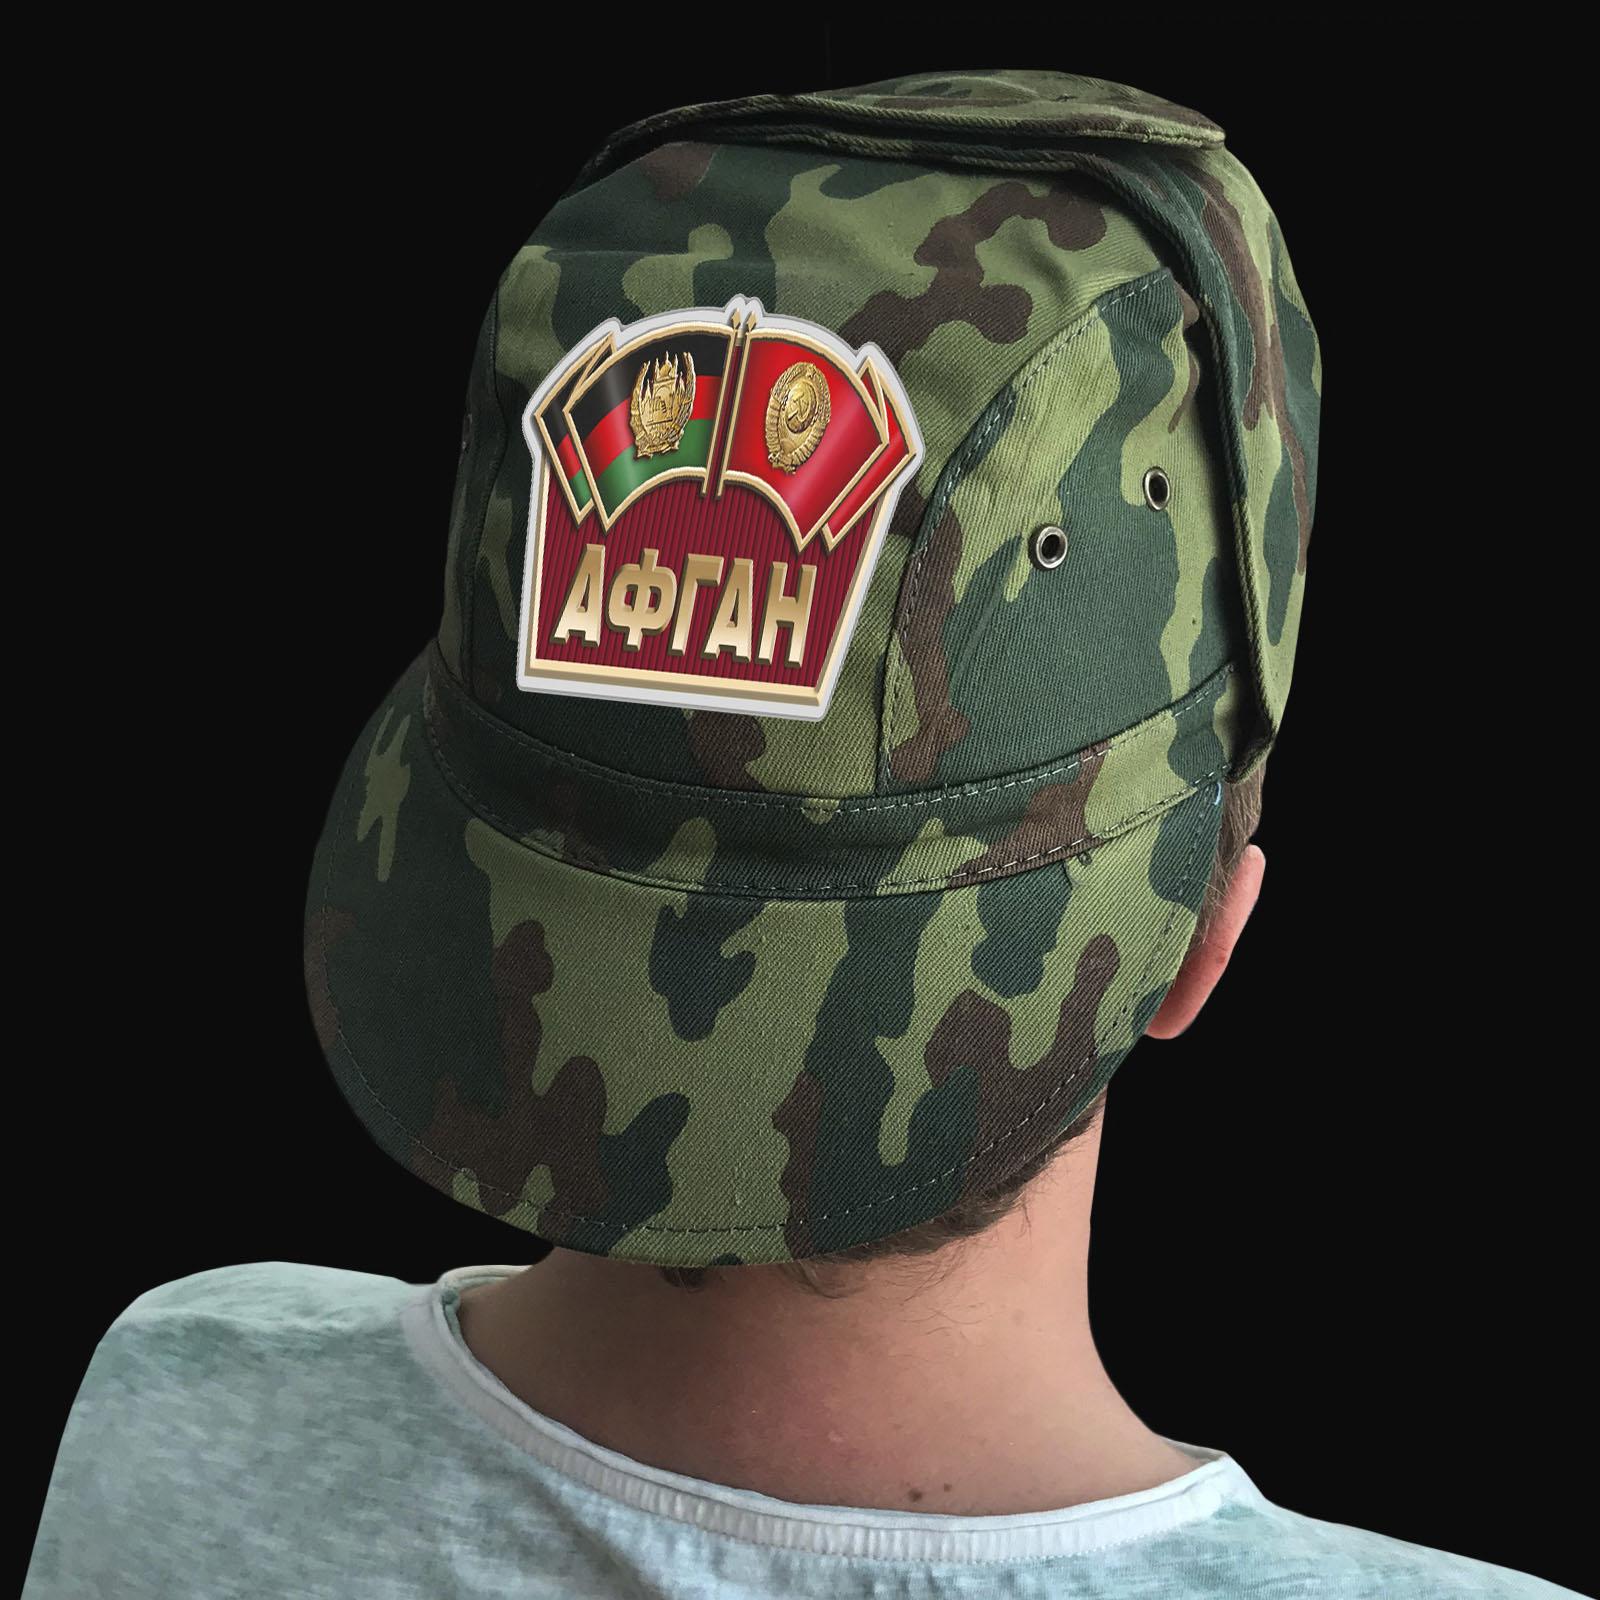 Купить мужскую кепку-камуфляж с термотрансфером Афган выгодно оптом